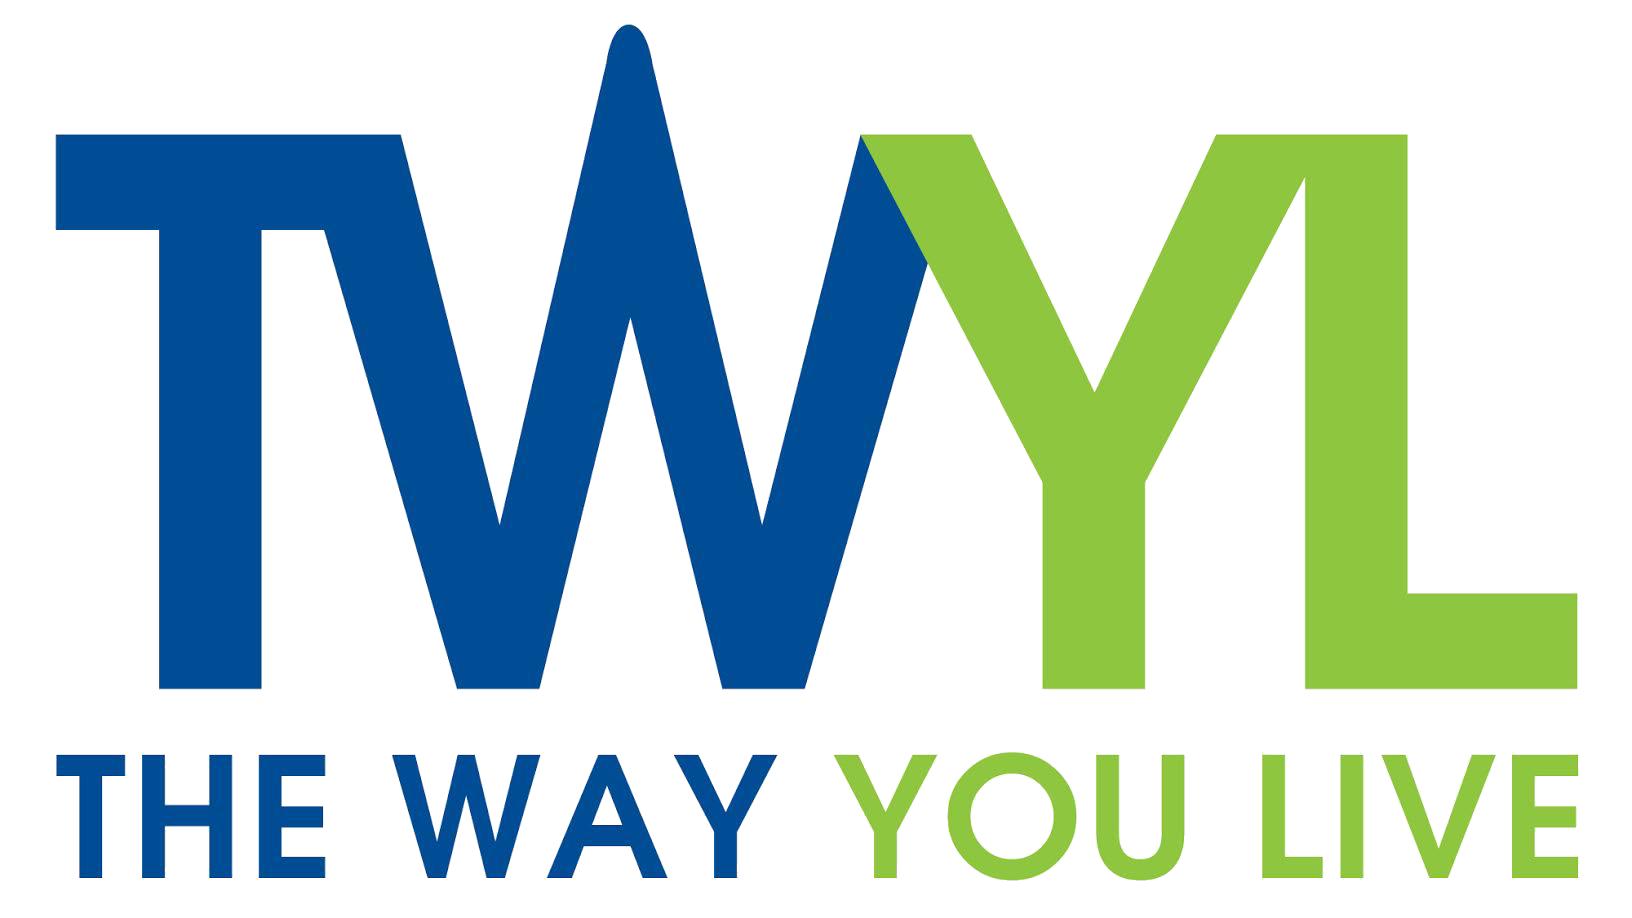 Twyl.nl